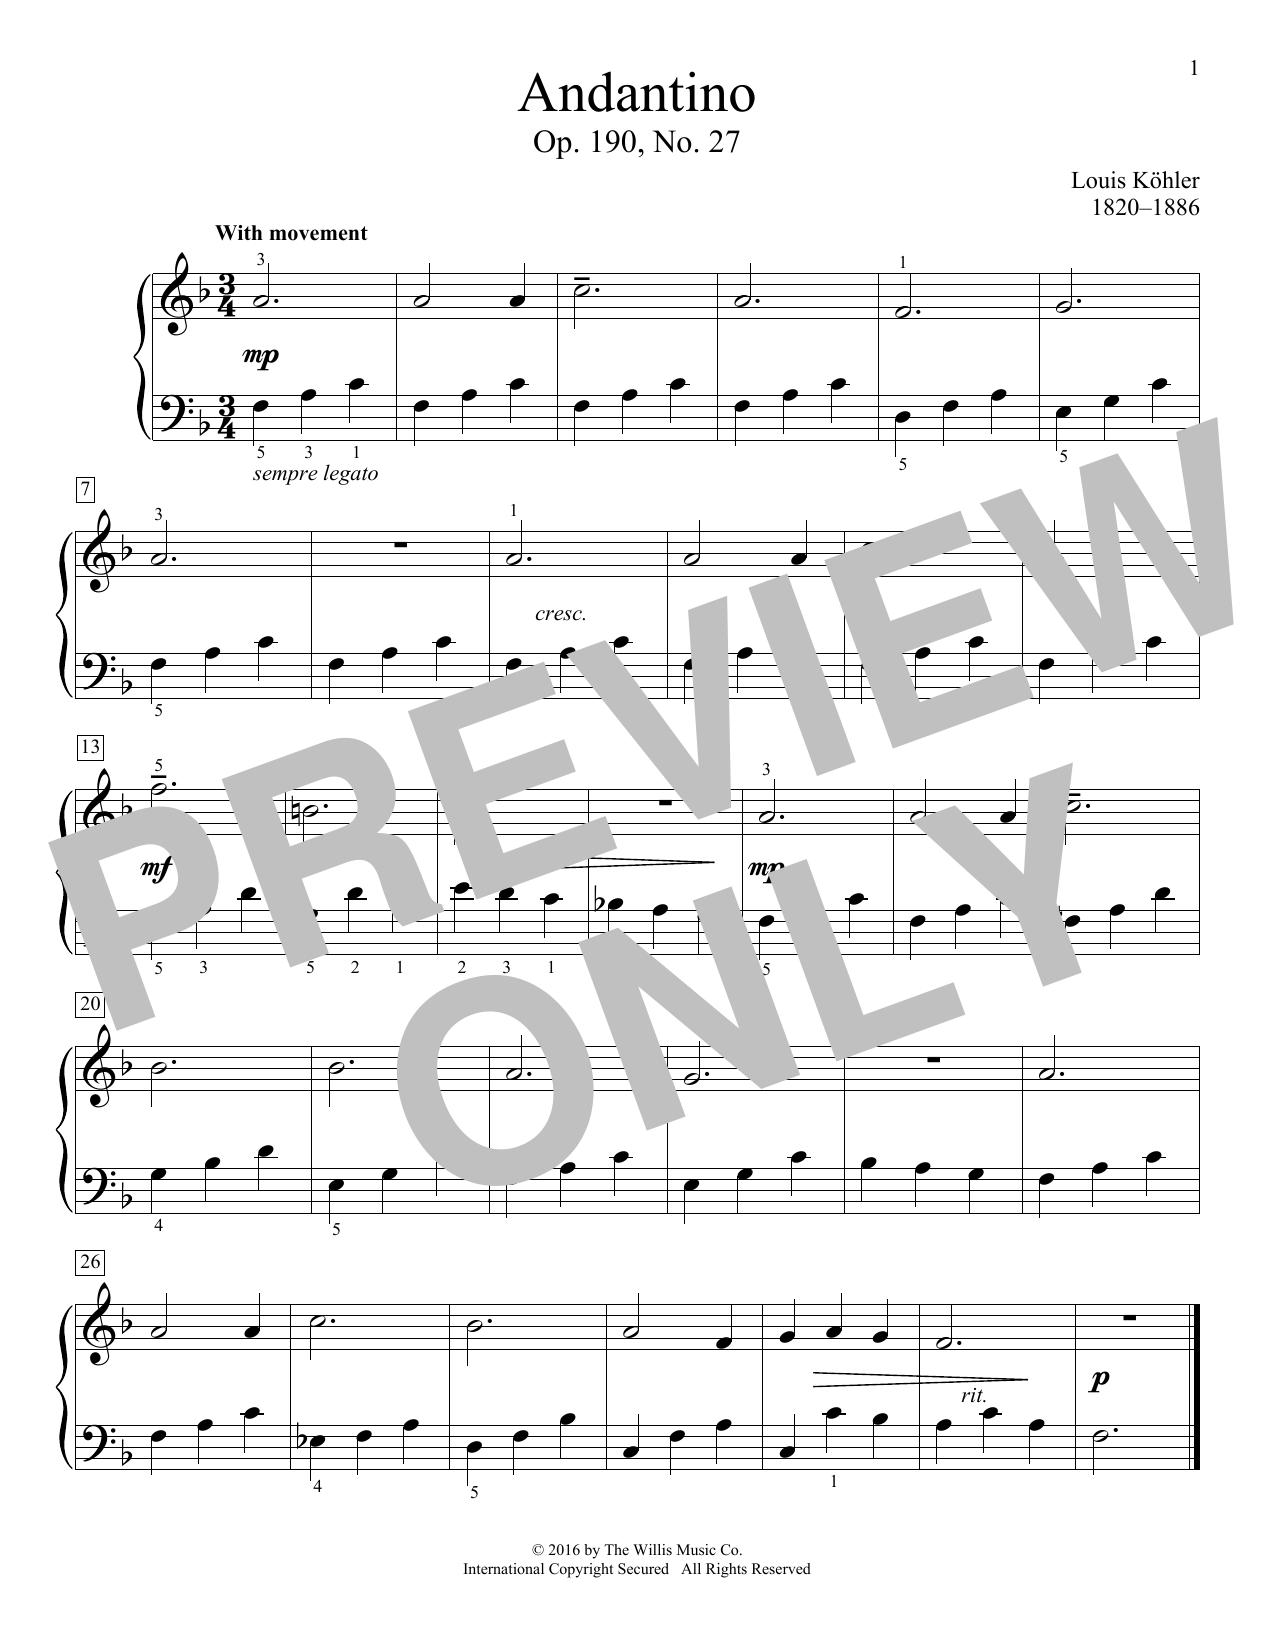 Andantino, Op. 190, No. 27 Sheet Music